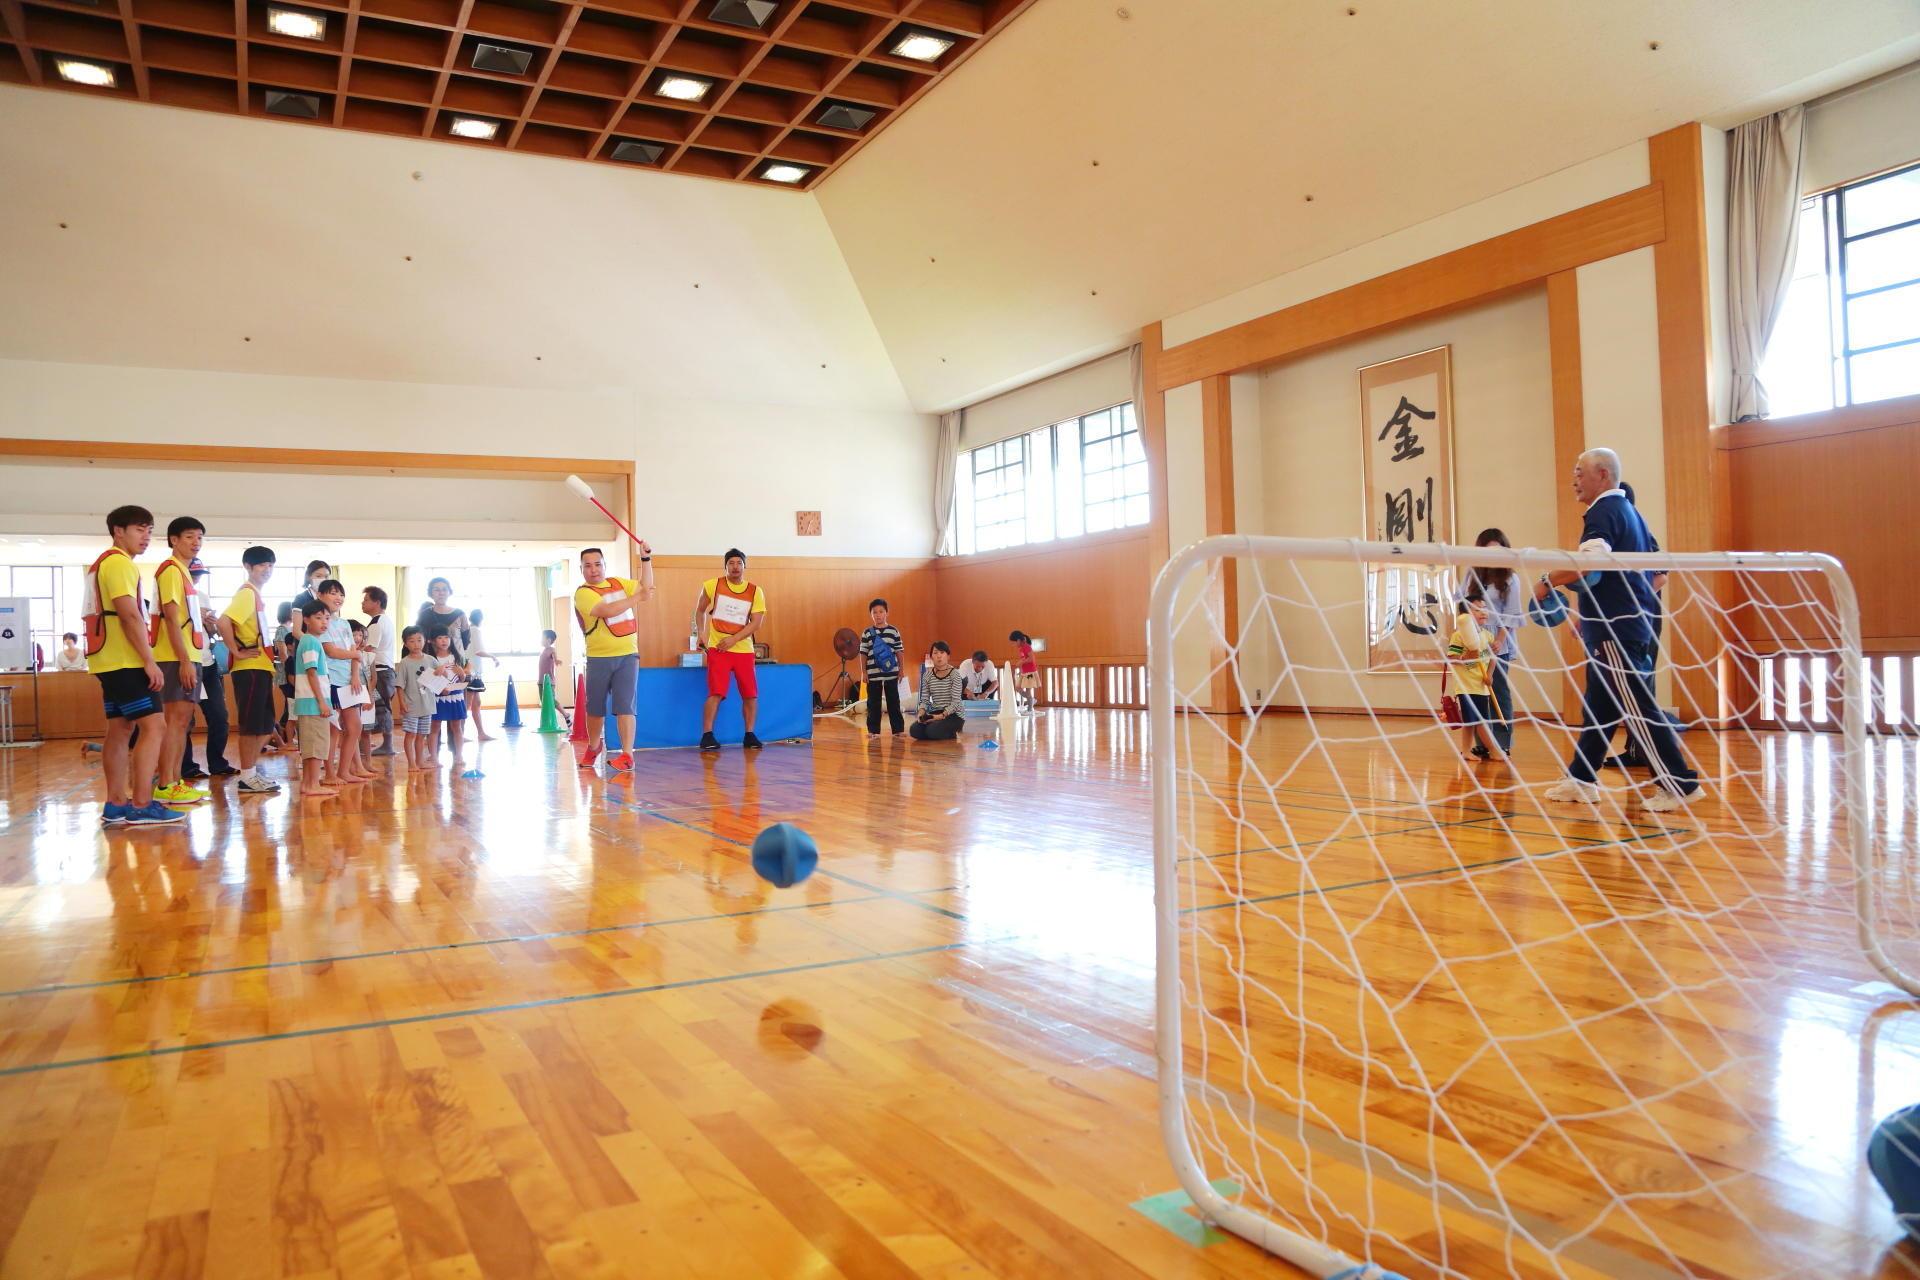 http://news.yoshimoto.co.jp/20171012102455-5d6e6b4a4246c9662f3bba3d79b200565742aa1d.jpg